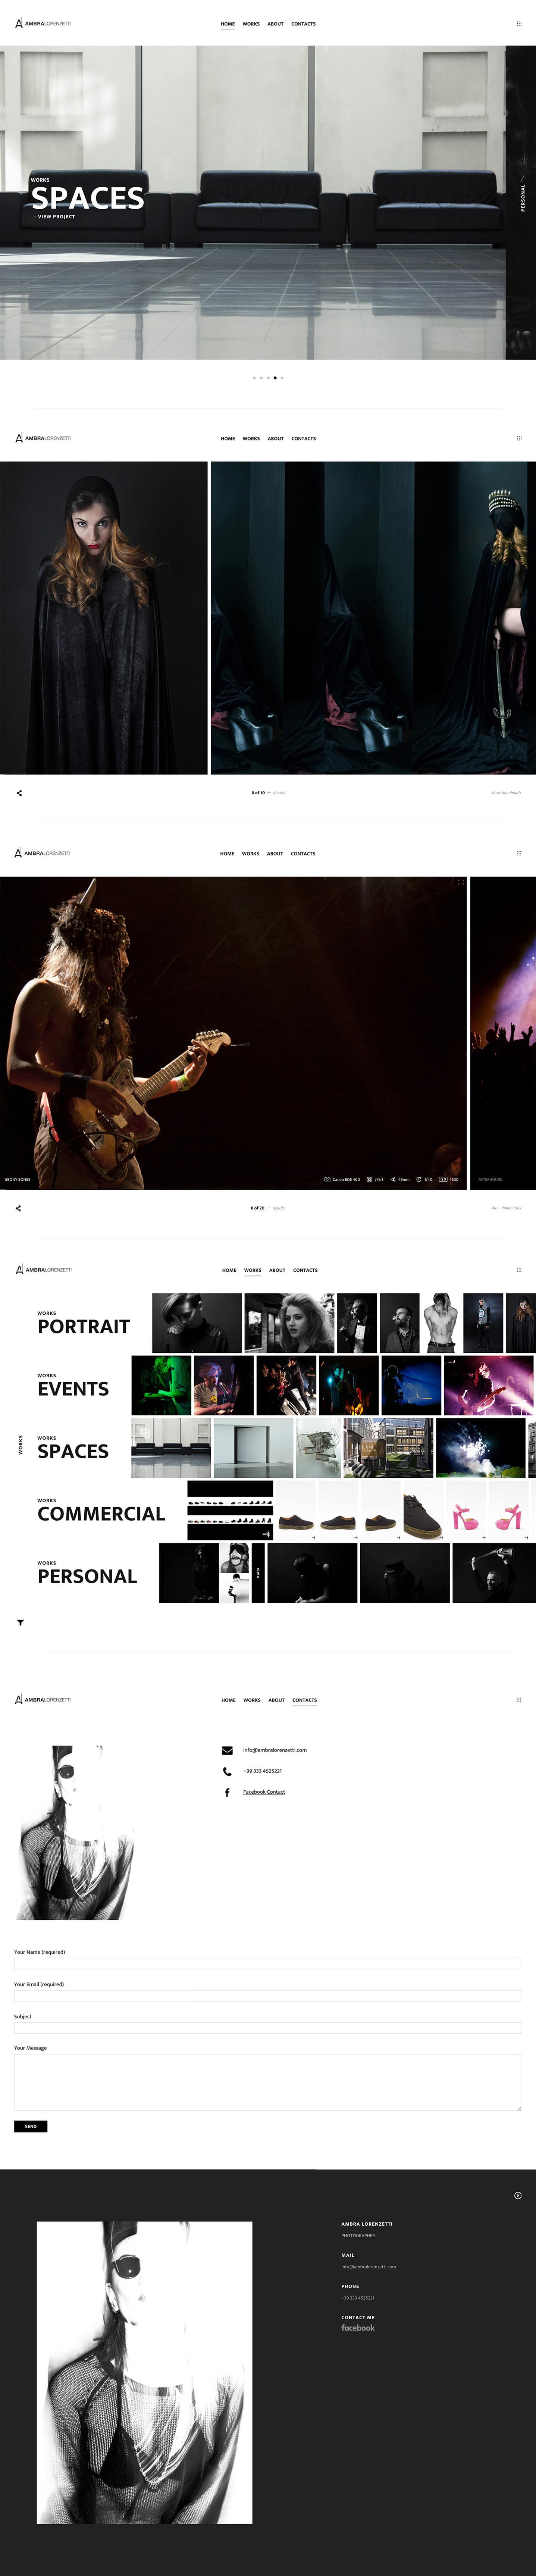 Creazione Siti Web Ambra Lorenzetti Portfolio sito web Kaistudio Web Agency Realizzazione siti web ed e-commerce. Posizionamento sui motori di ricerca e web marketing Realizzazione loghi e grafiche